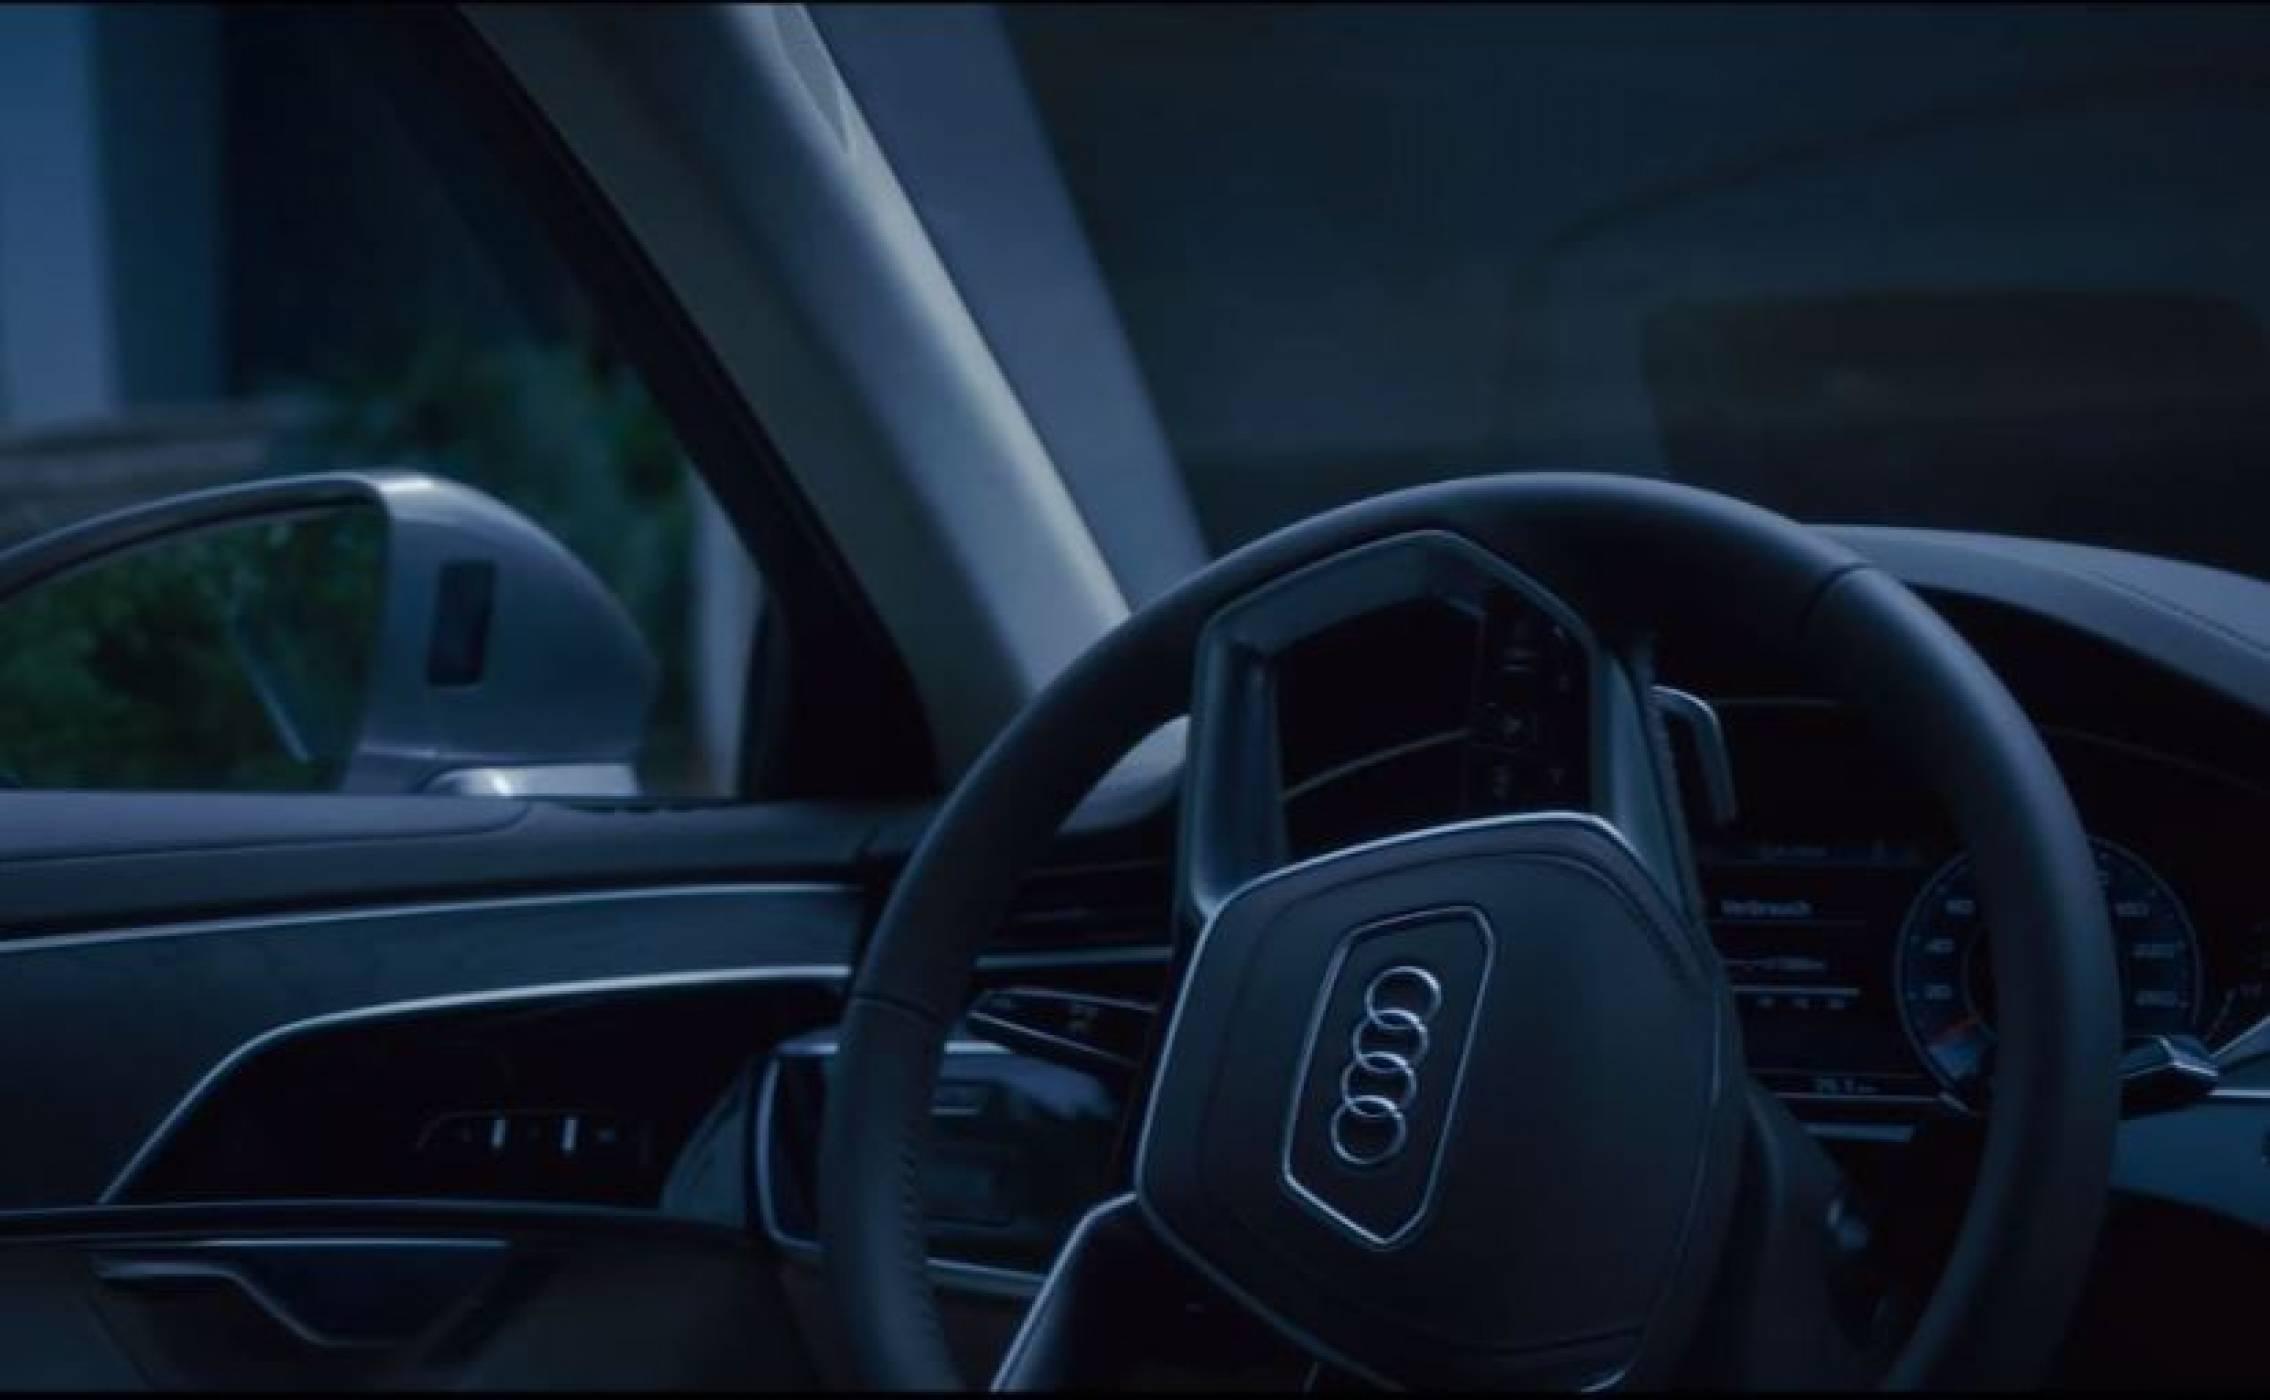 Аudi показа как новото A8 паркира самостоятелно в ново видео